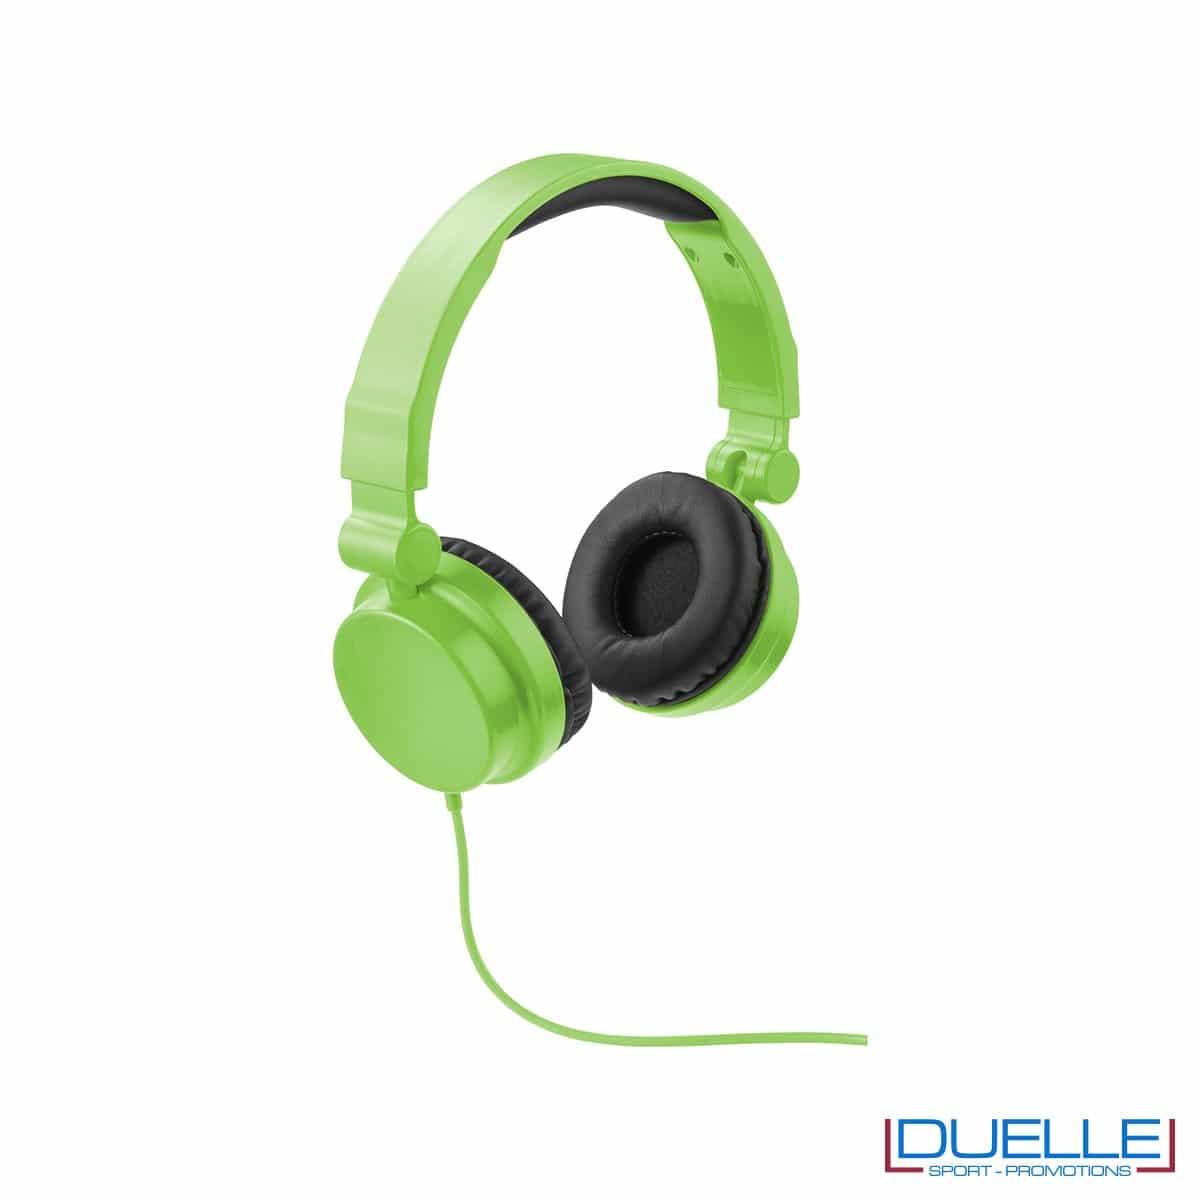 cuffie pieghevoli personalizzate promozionali in colore verde, cuffie promozionali personalizzate